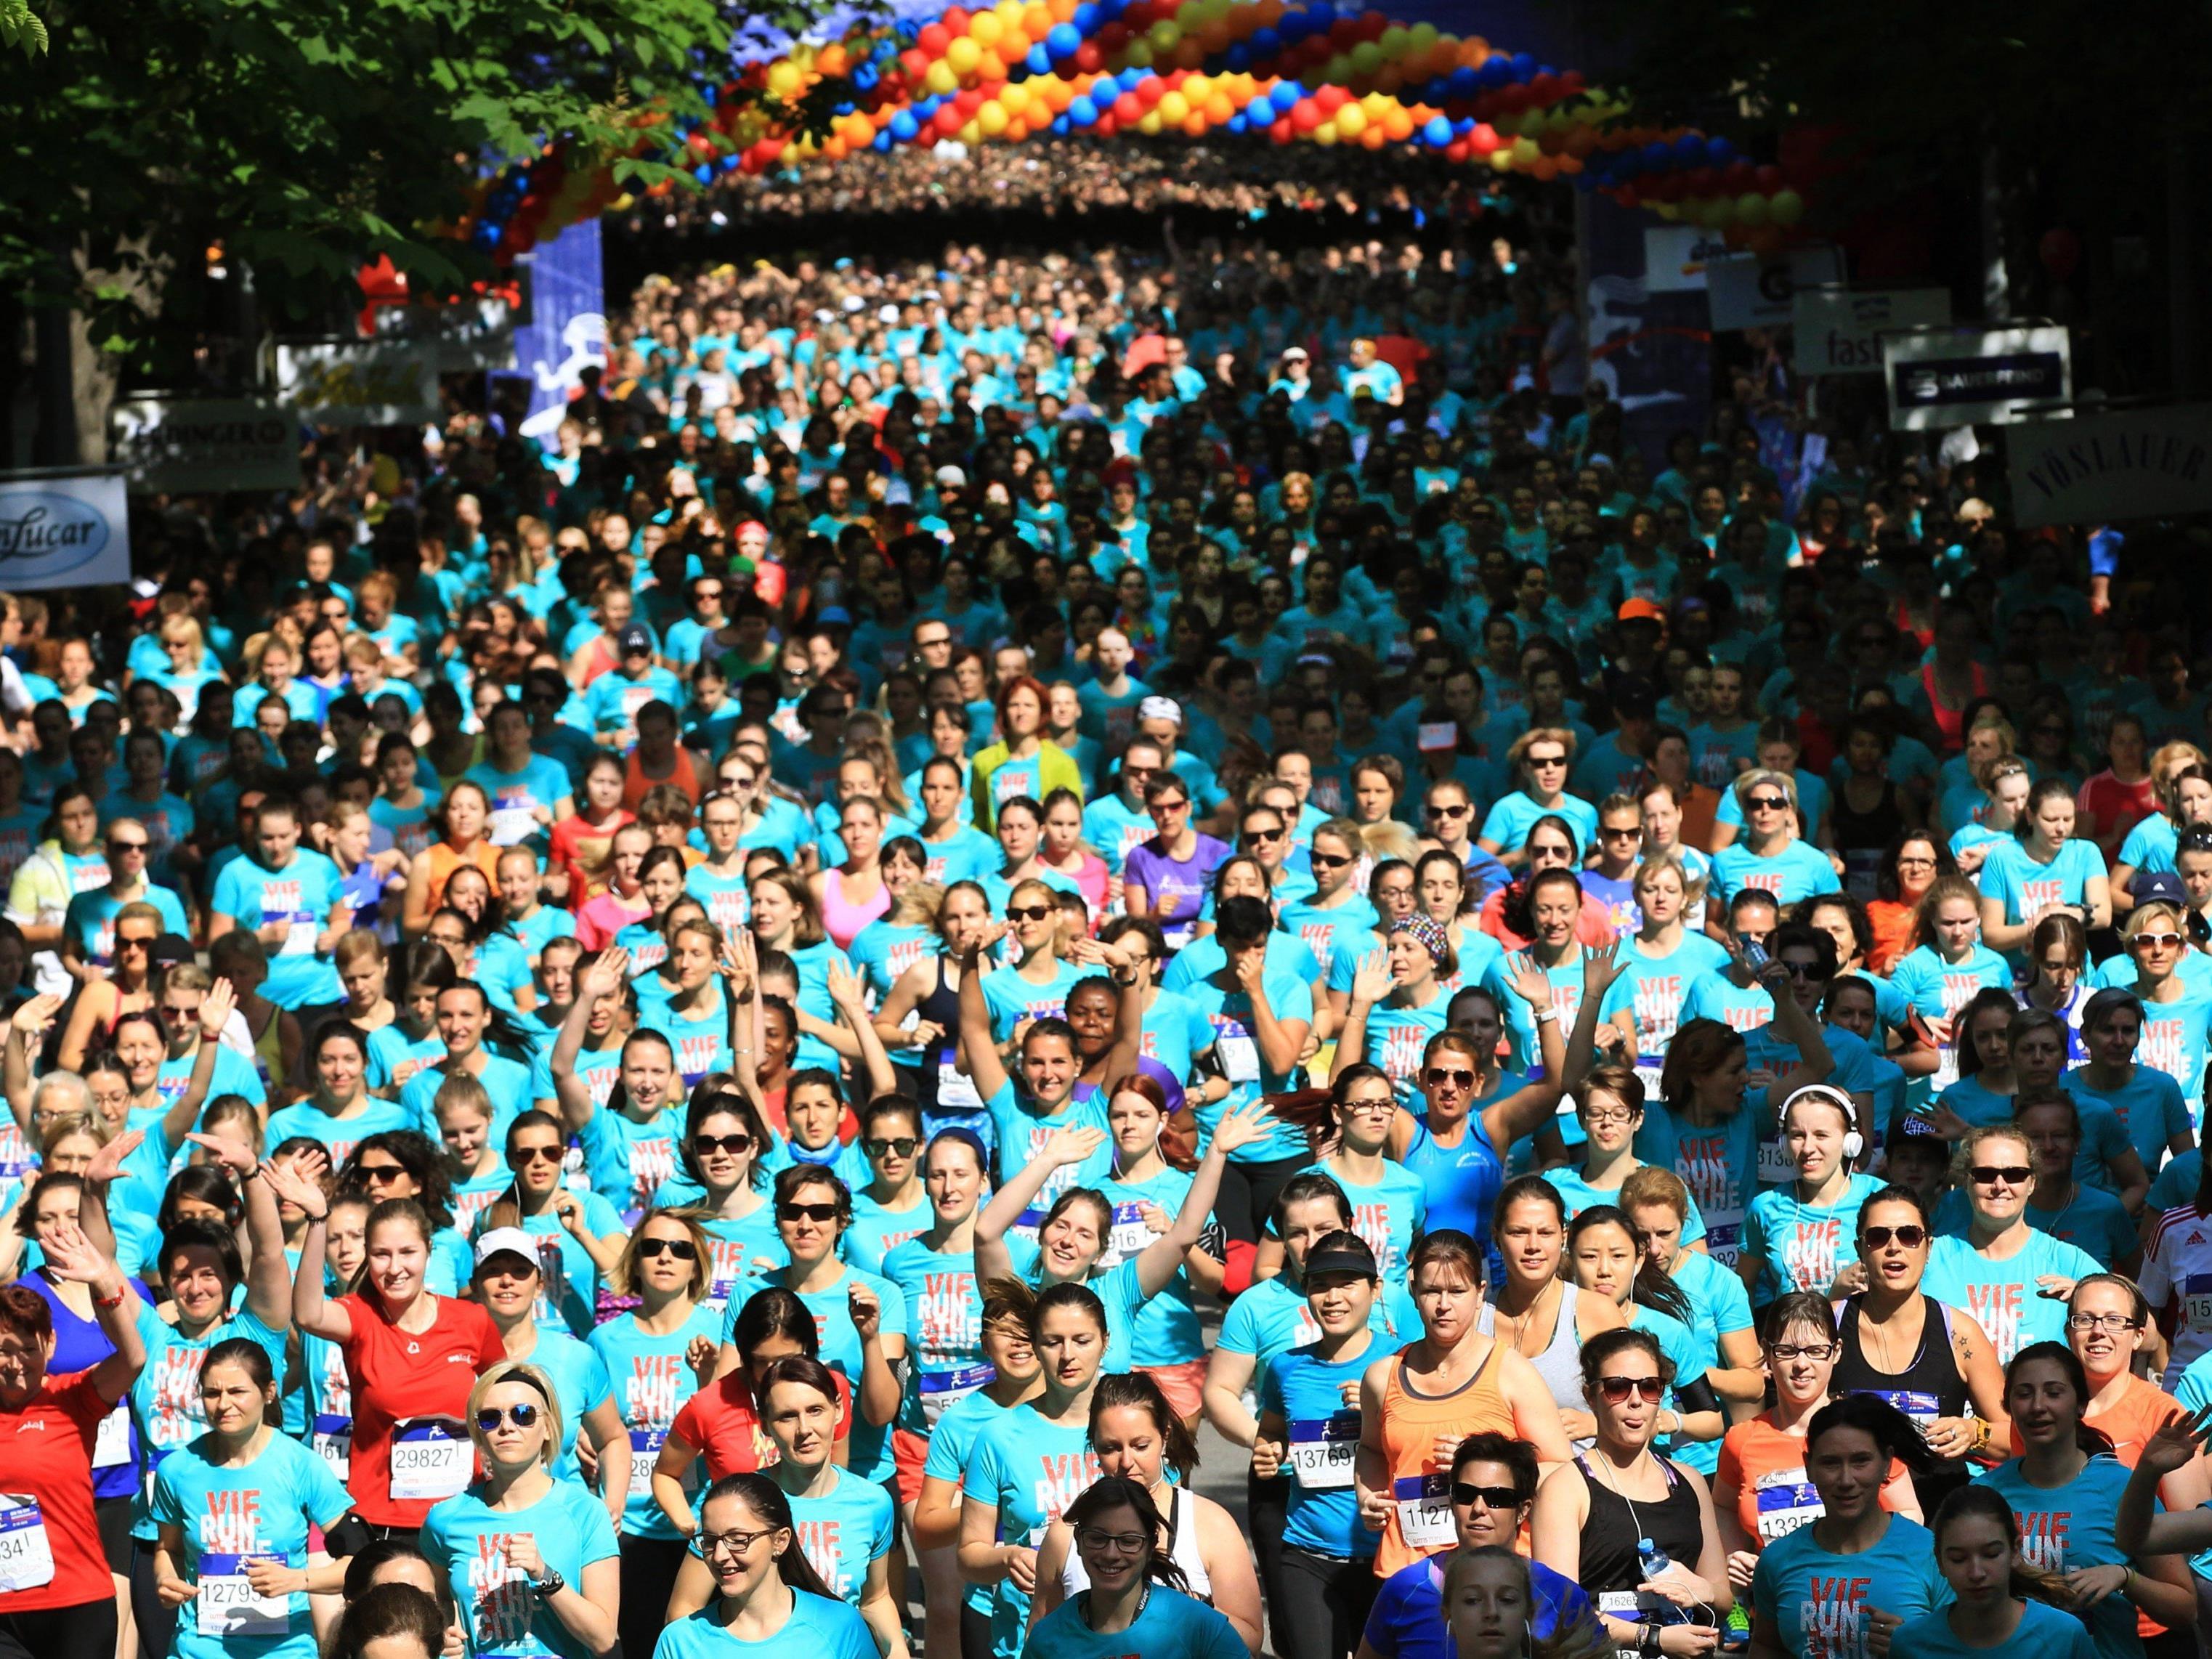 Der Österreichische Frauenlauf 2016 findet am 22. Mai statt.